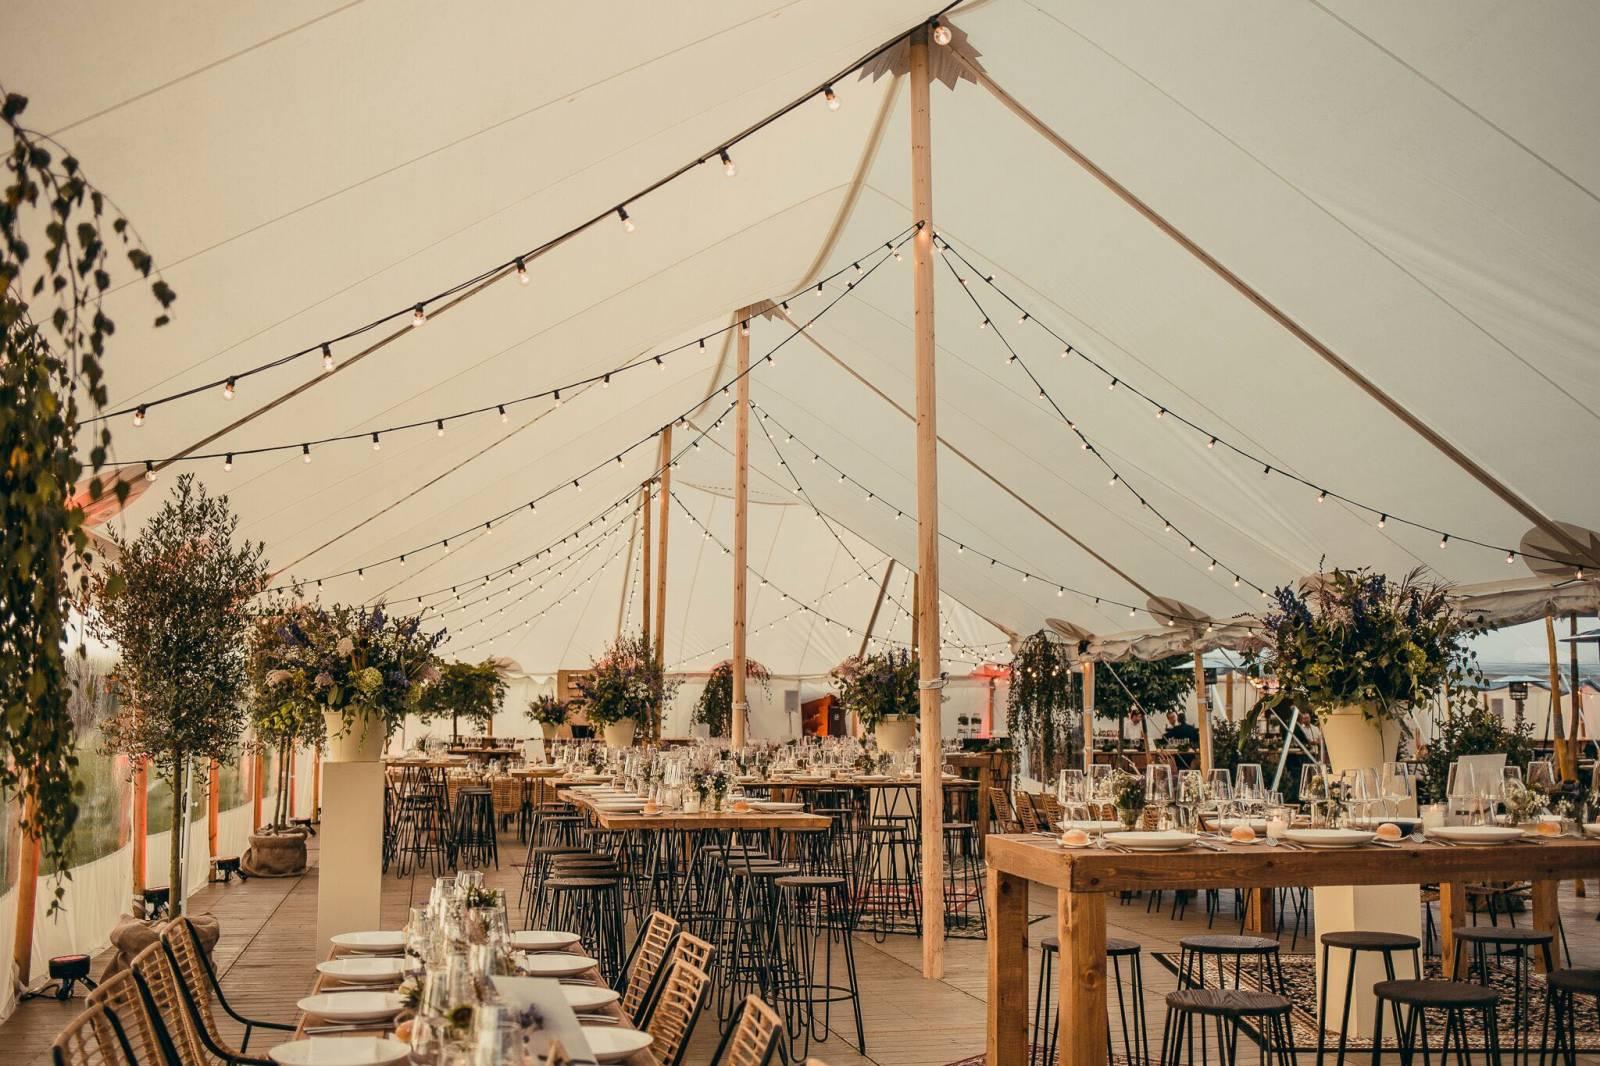 Altiro Tenten - Wedding Tent - Feesttent - Huwelijk trouw bruiloft - House of Weddings - 12